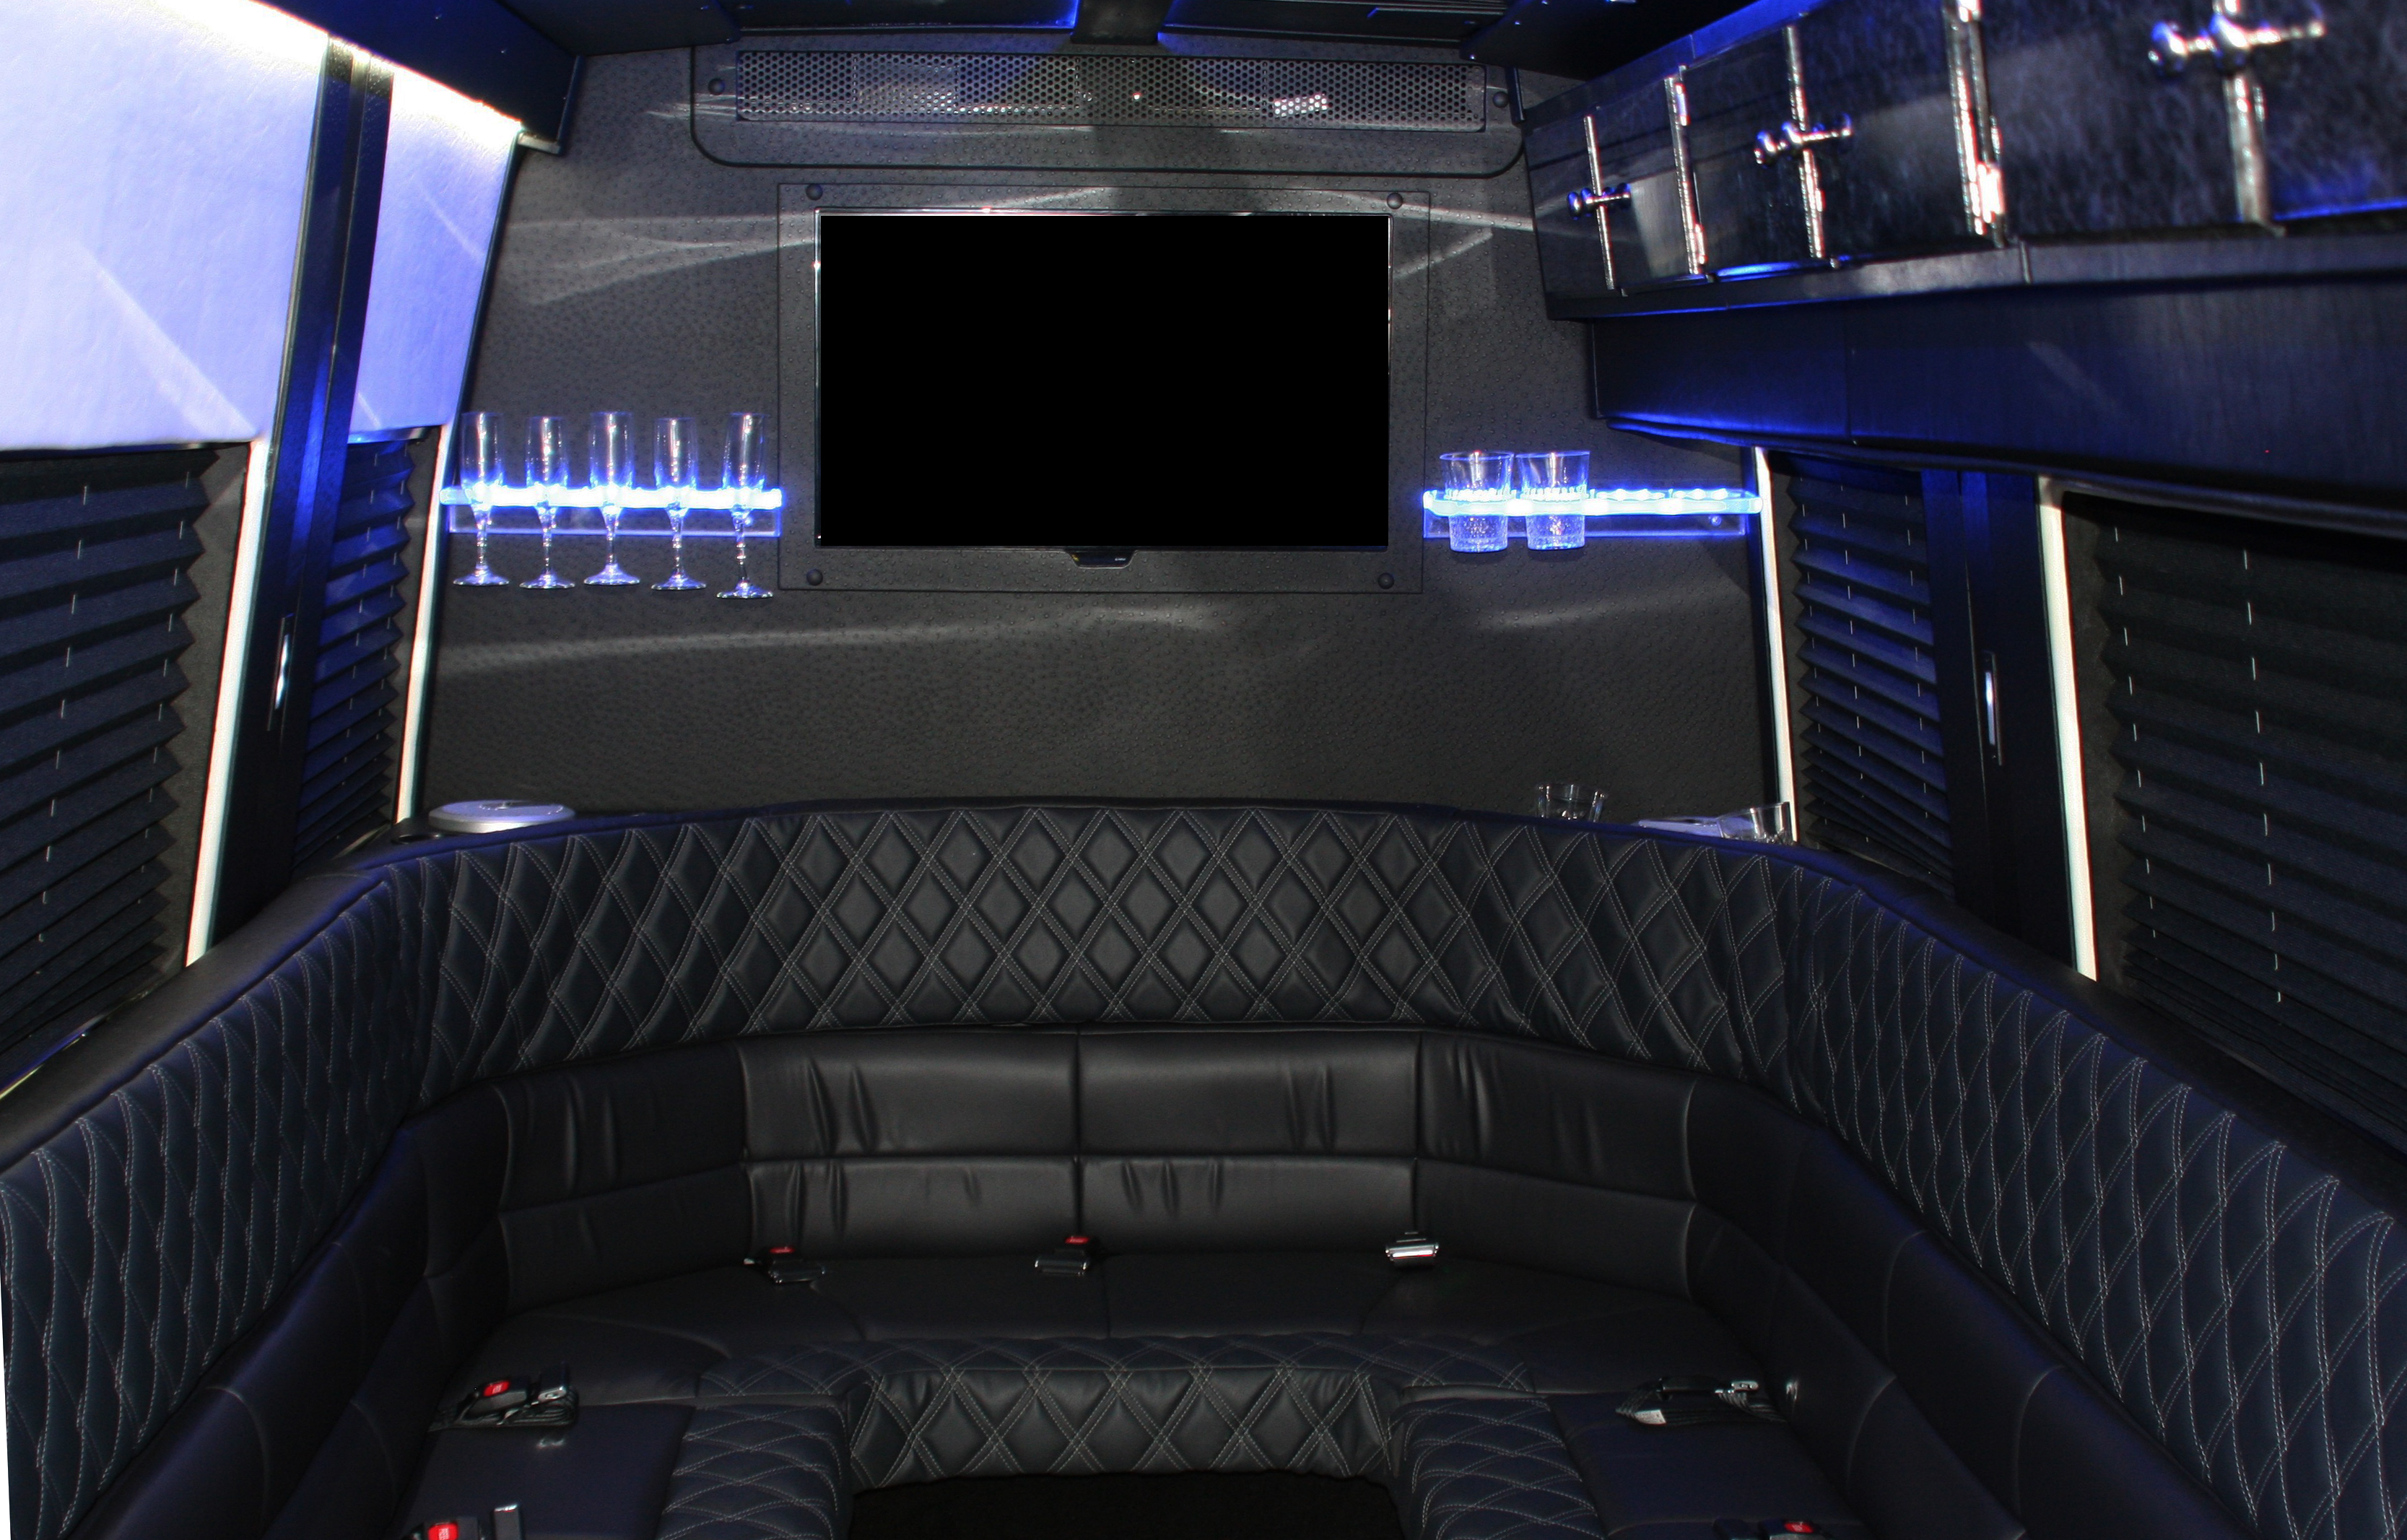 Luxurious Limo Interior